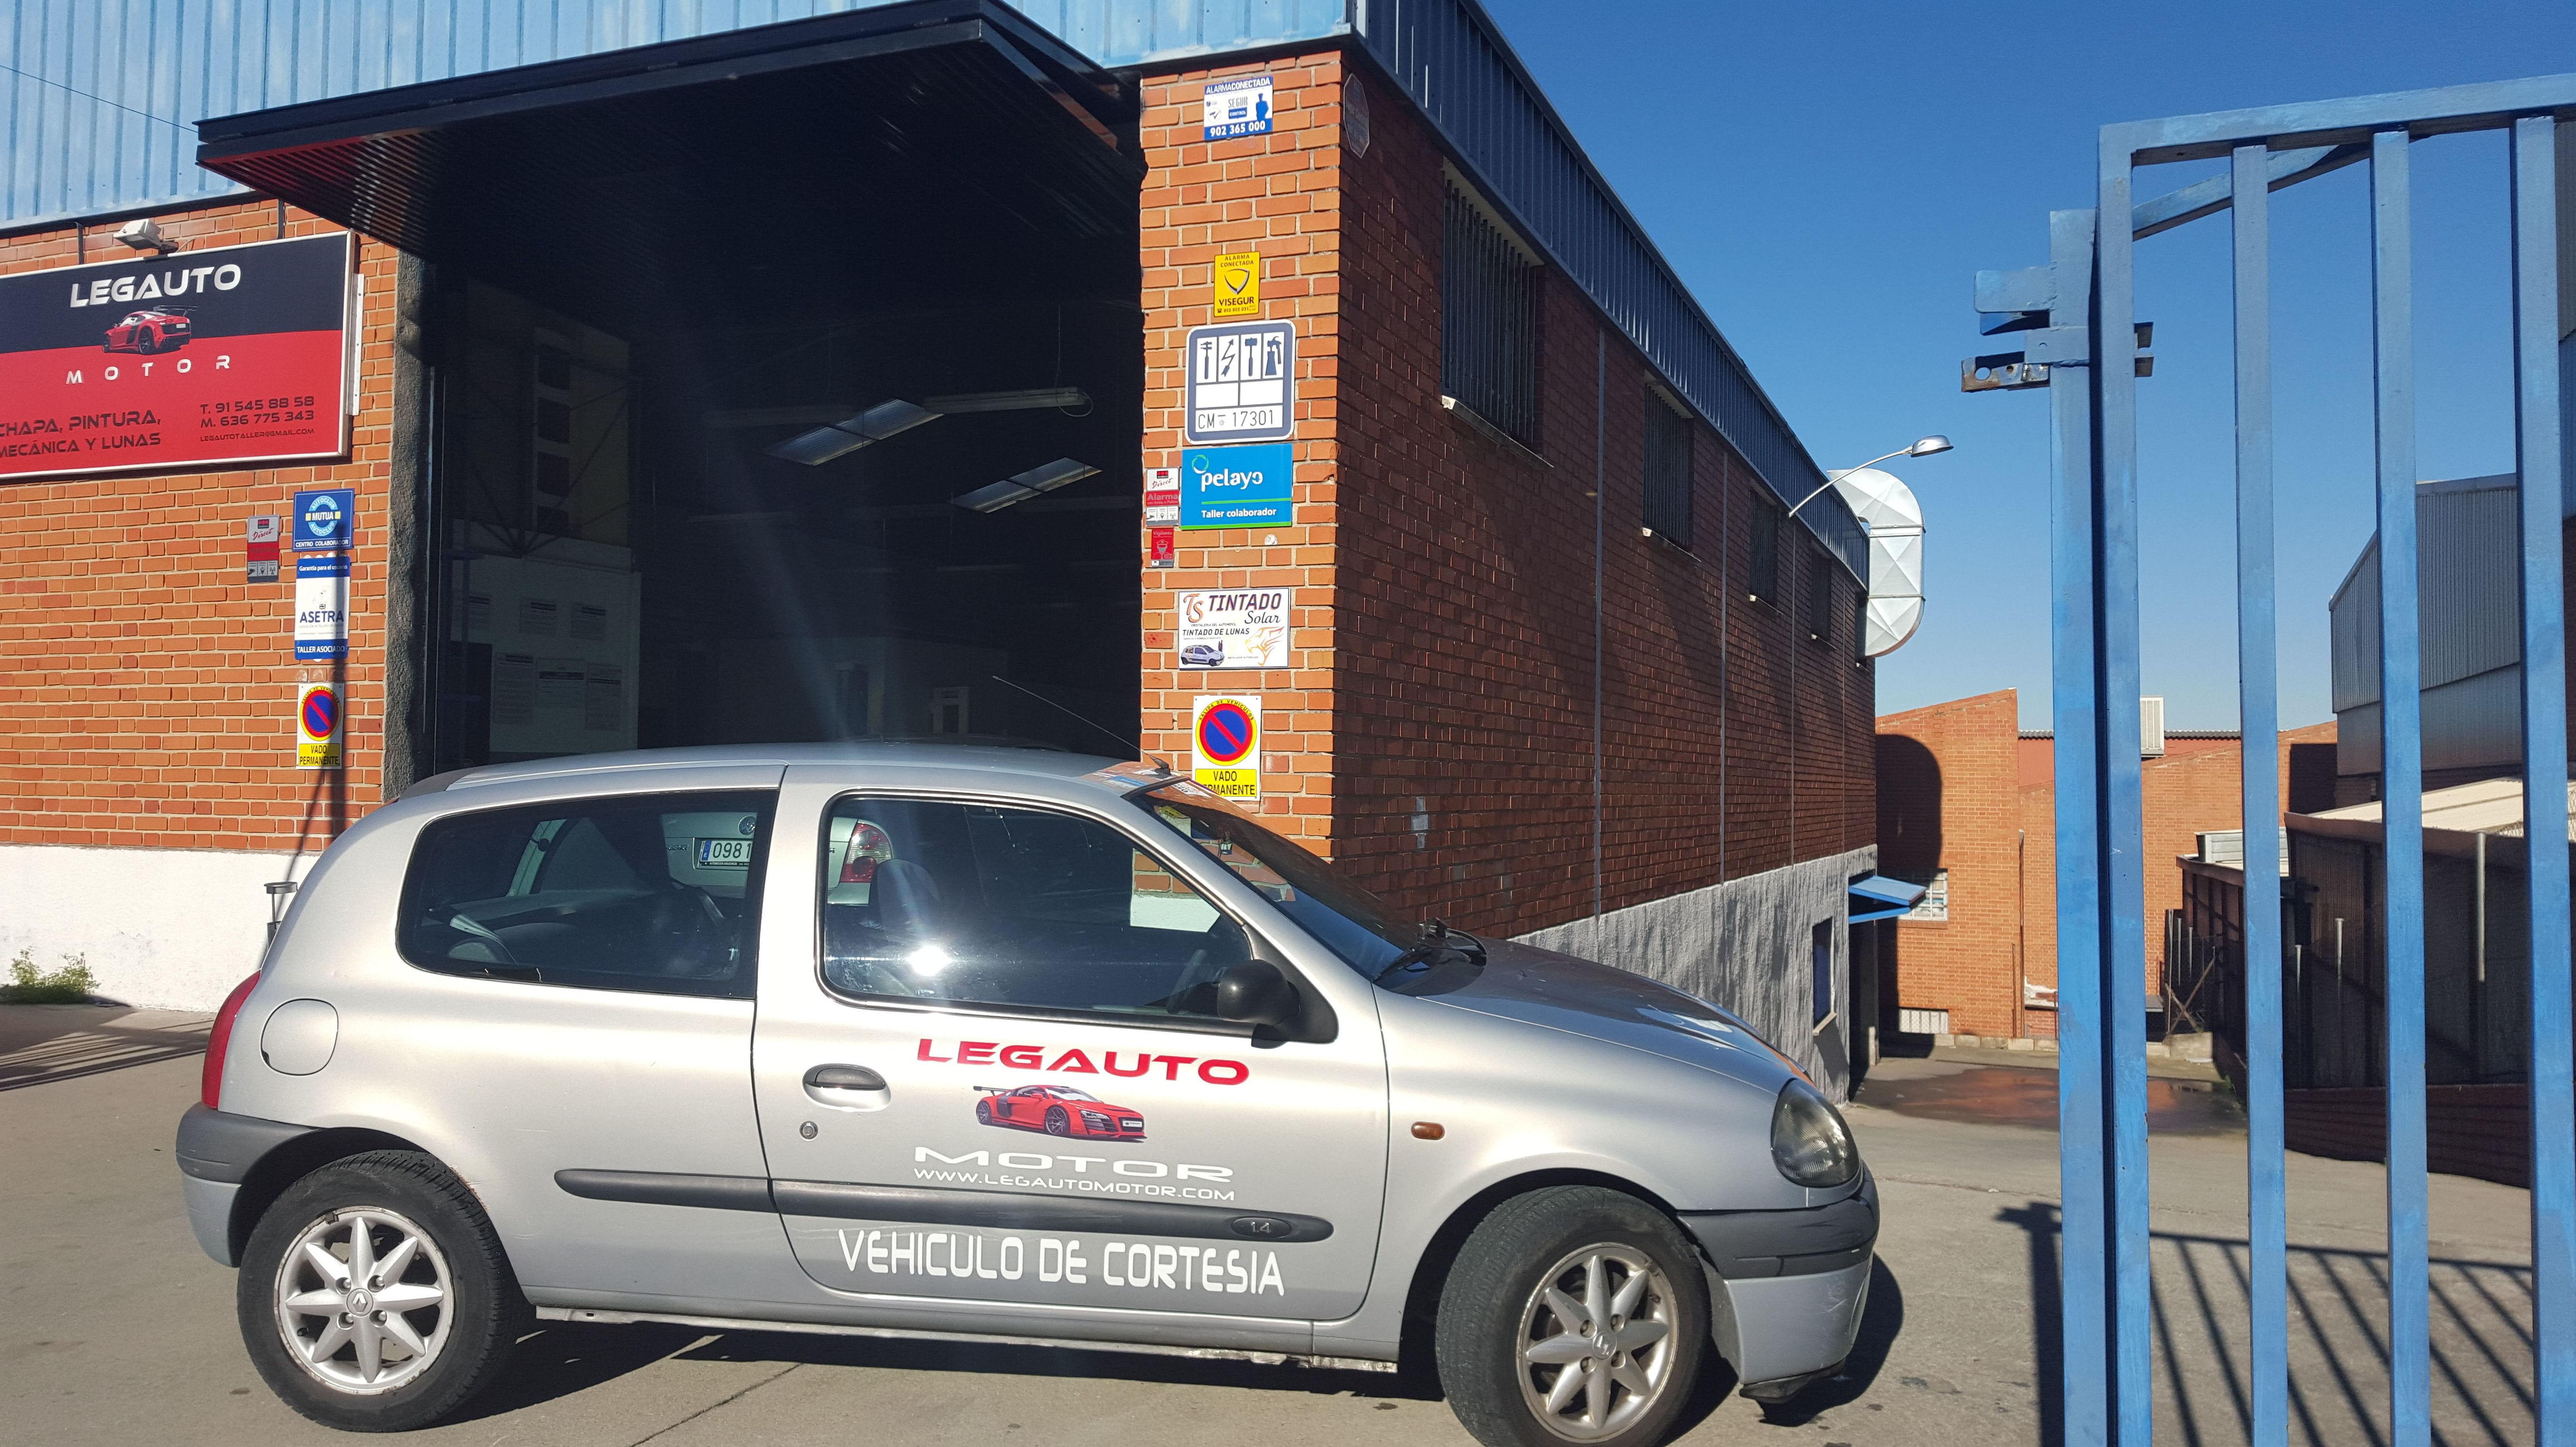 Vehículo de cortesia gratis en Alcorcón